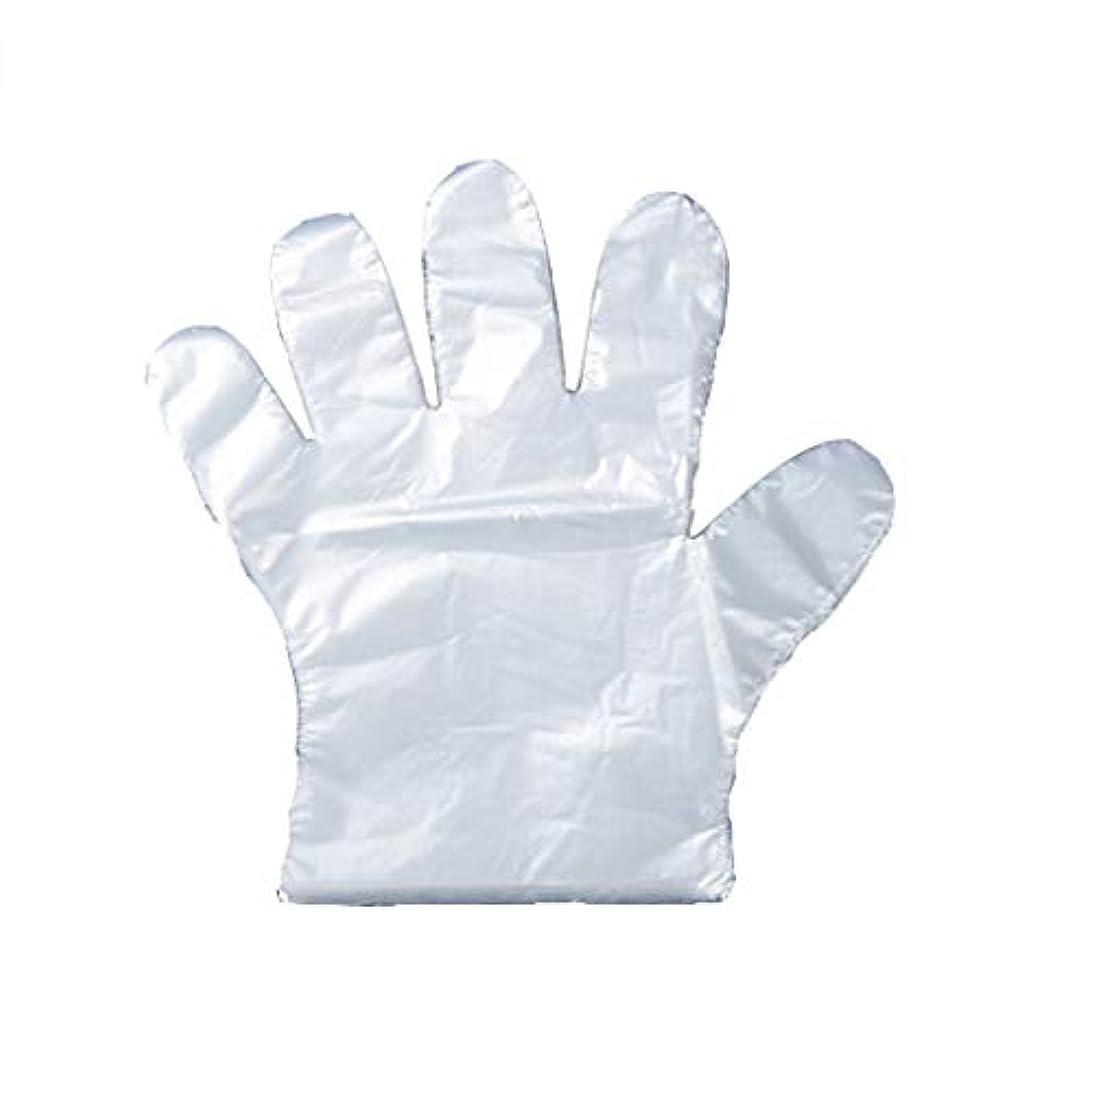 日付付き乗算時間厳守手袋の使い捨て手袋のフィルム家庭用キッチンの食品は、透明PEプラスチック手袋100パッケージを厚くした (UnitCount : 200)